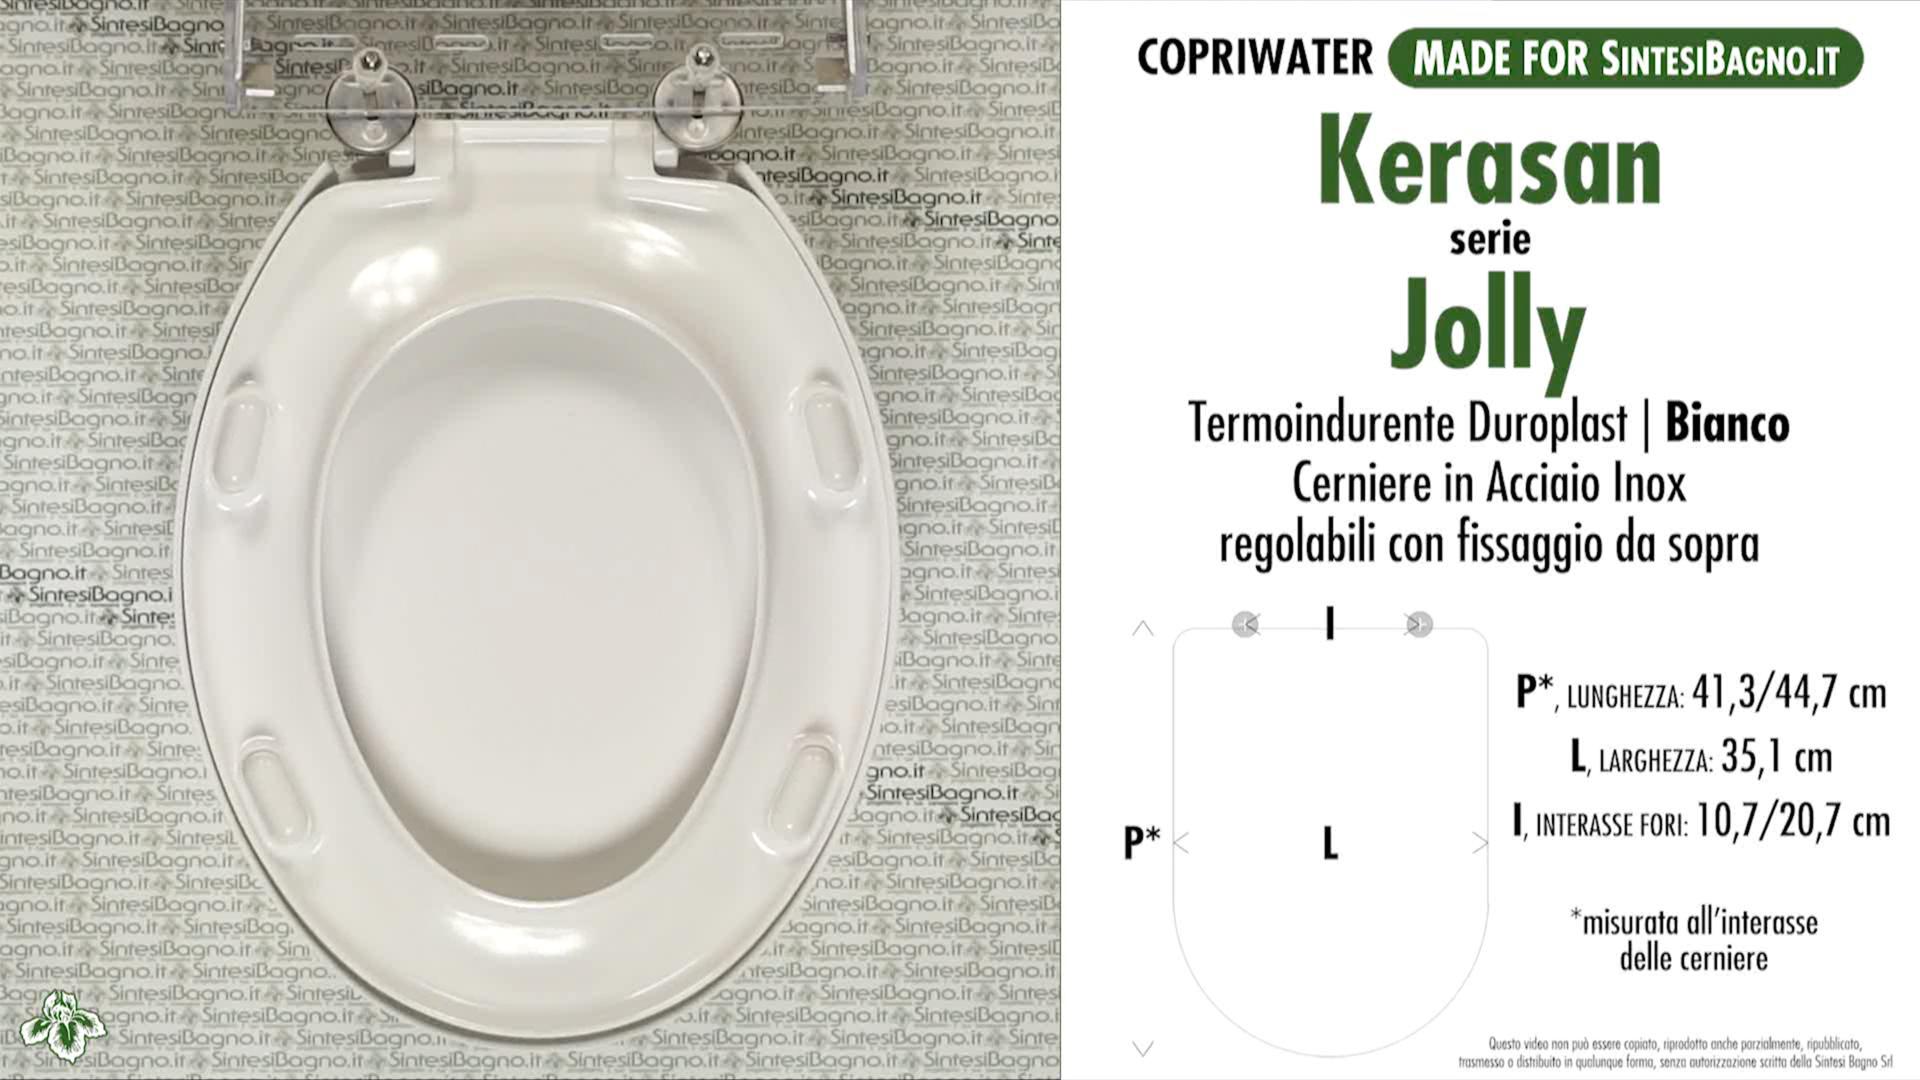 SCHEDA TECNICA MISURE copriwater KERASAN JOLLY